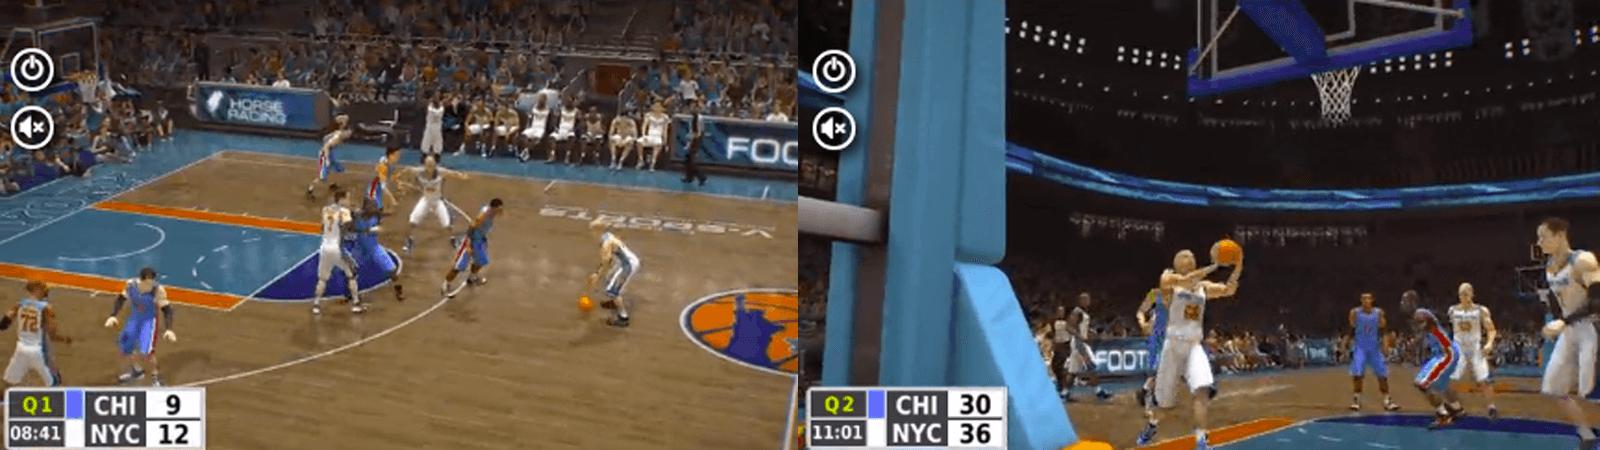 バーチャルスポーツのバスケットボール